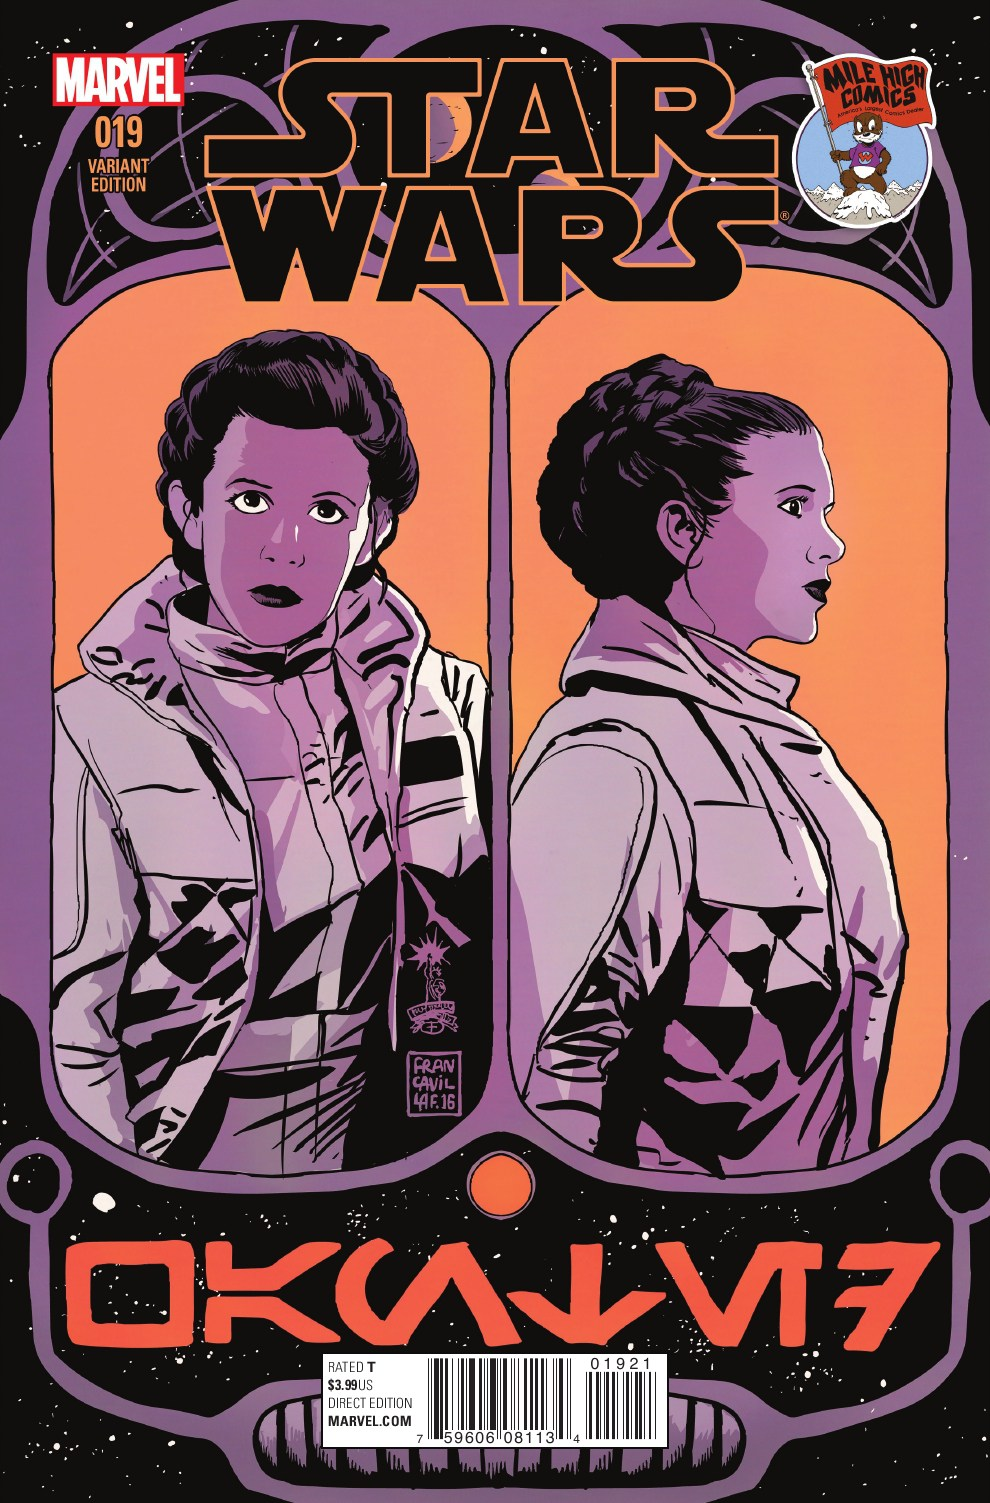 Star Wars #19 (Francesco Francavilla Mile High Comics Variant Cover) (25.05.2016)